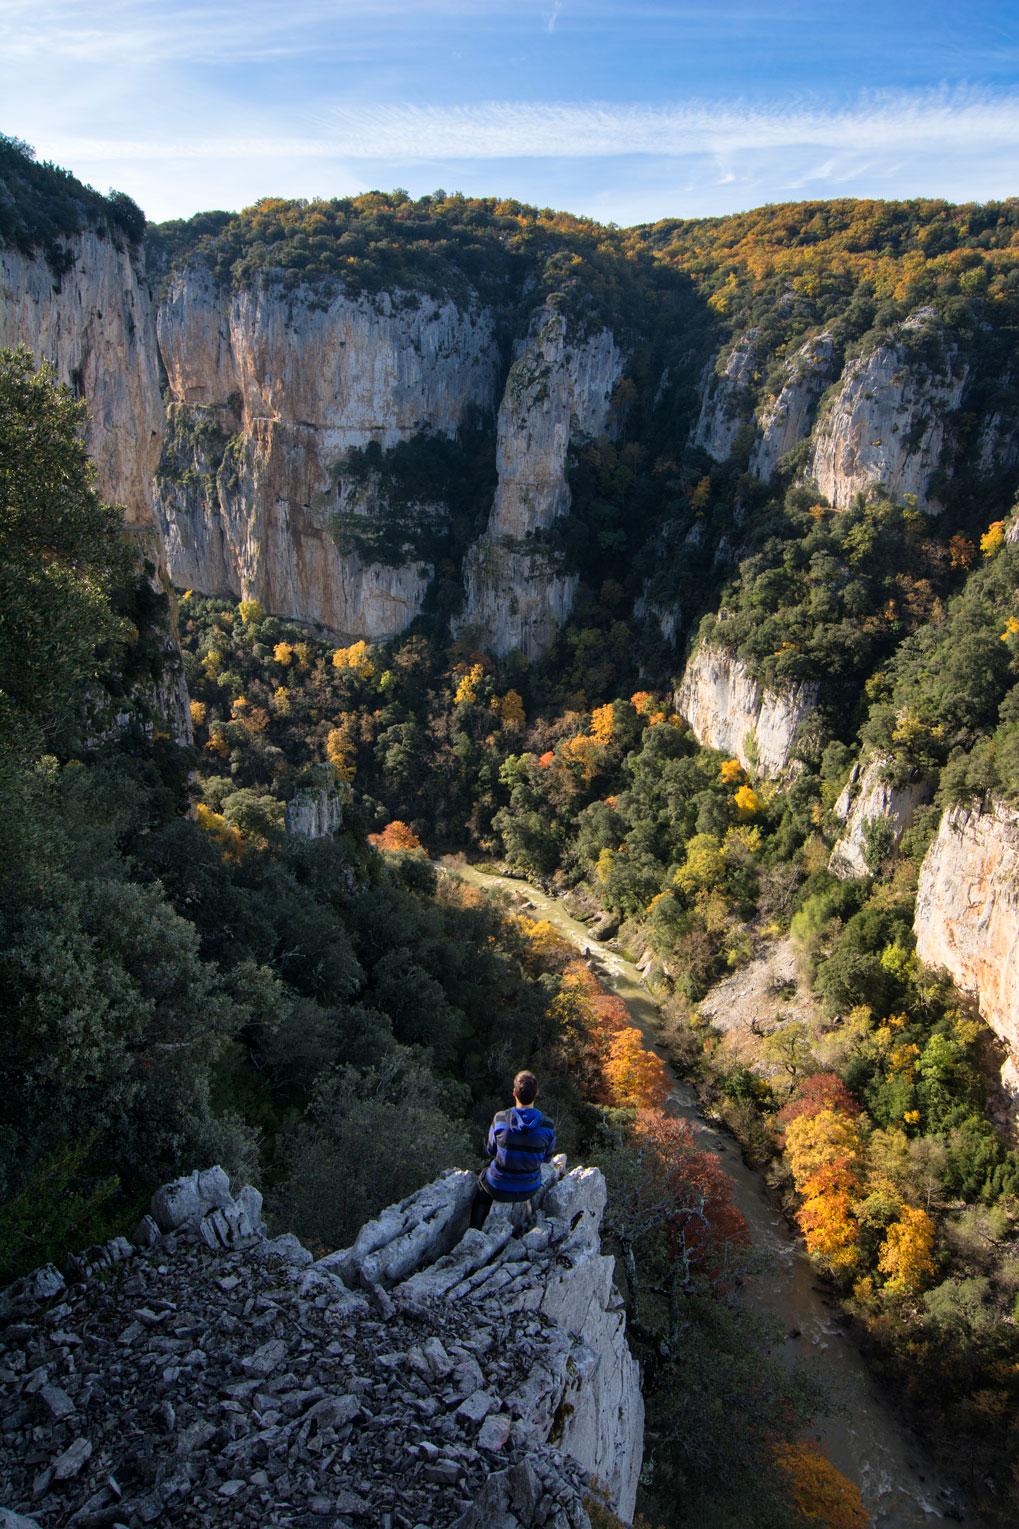 Observando el abismo - Archivo - Iñaki Larrea, Fotografía de naturaleza y montaña